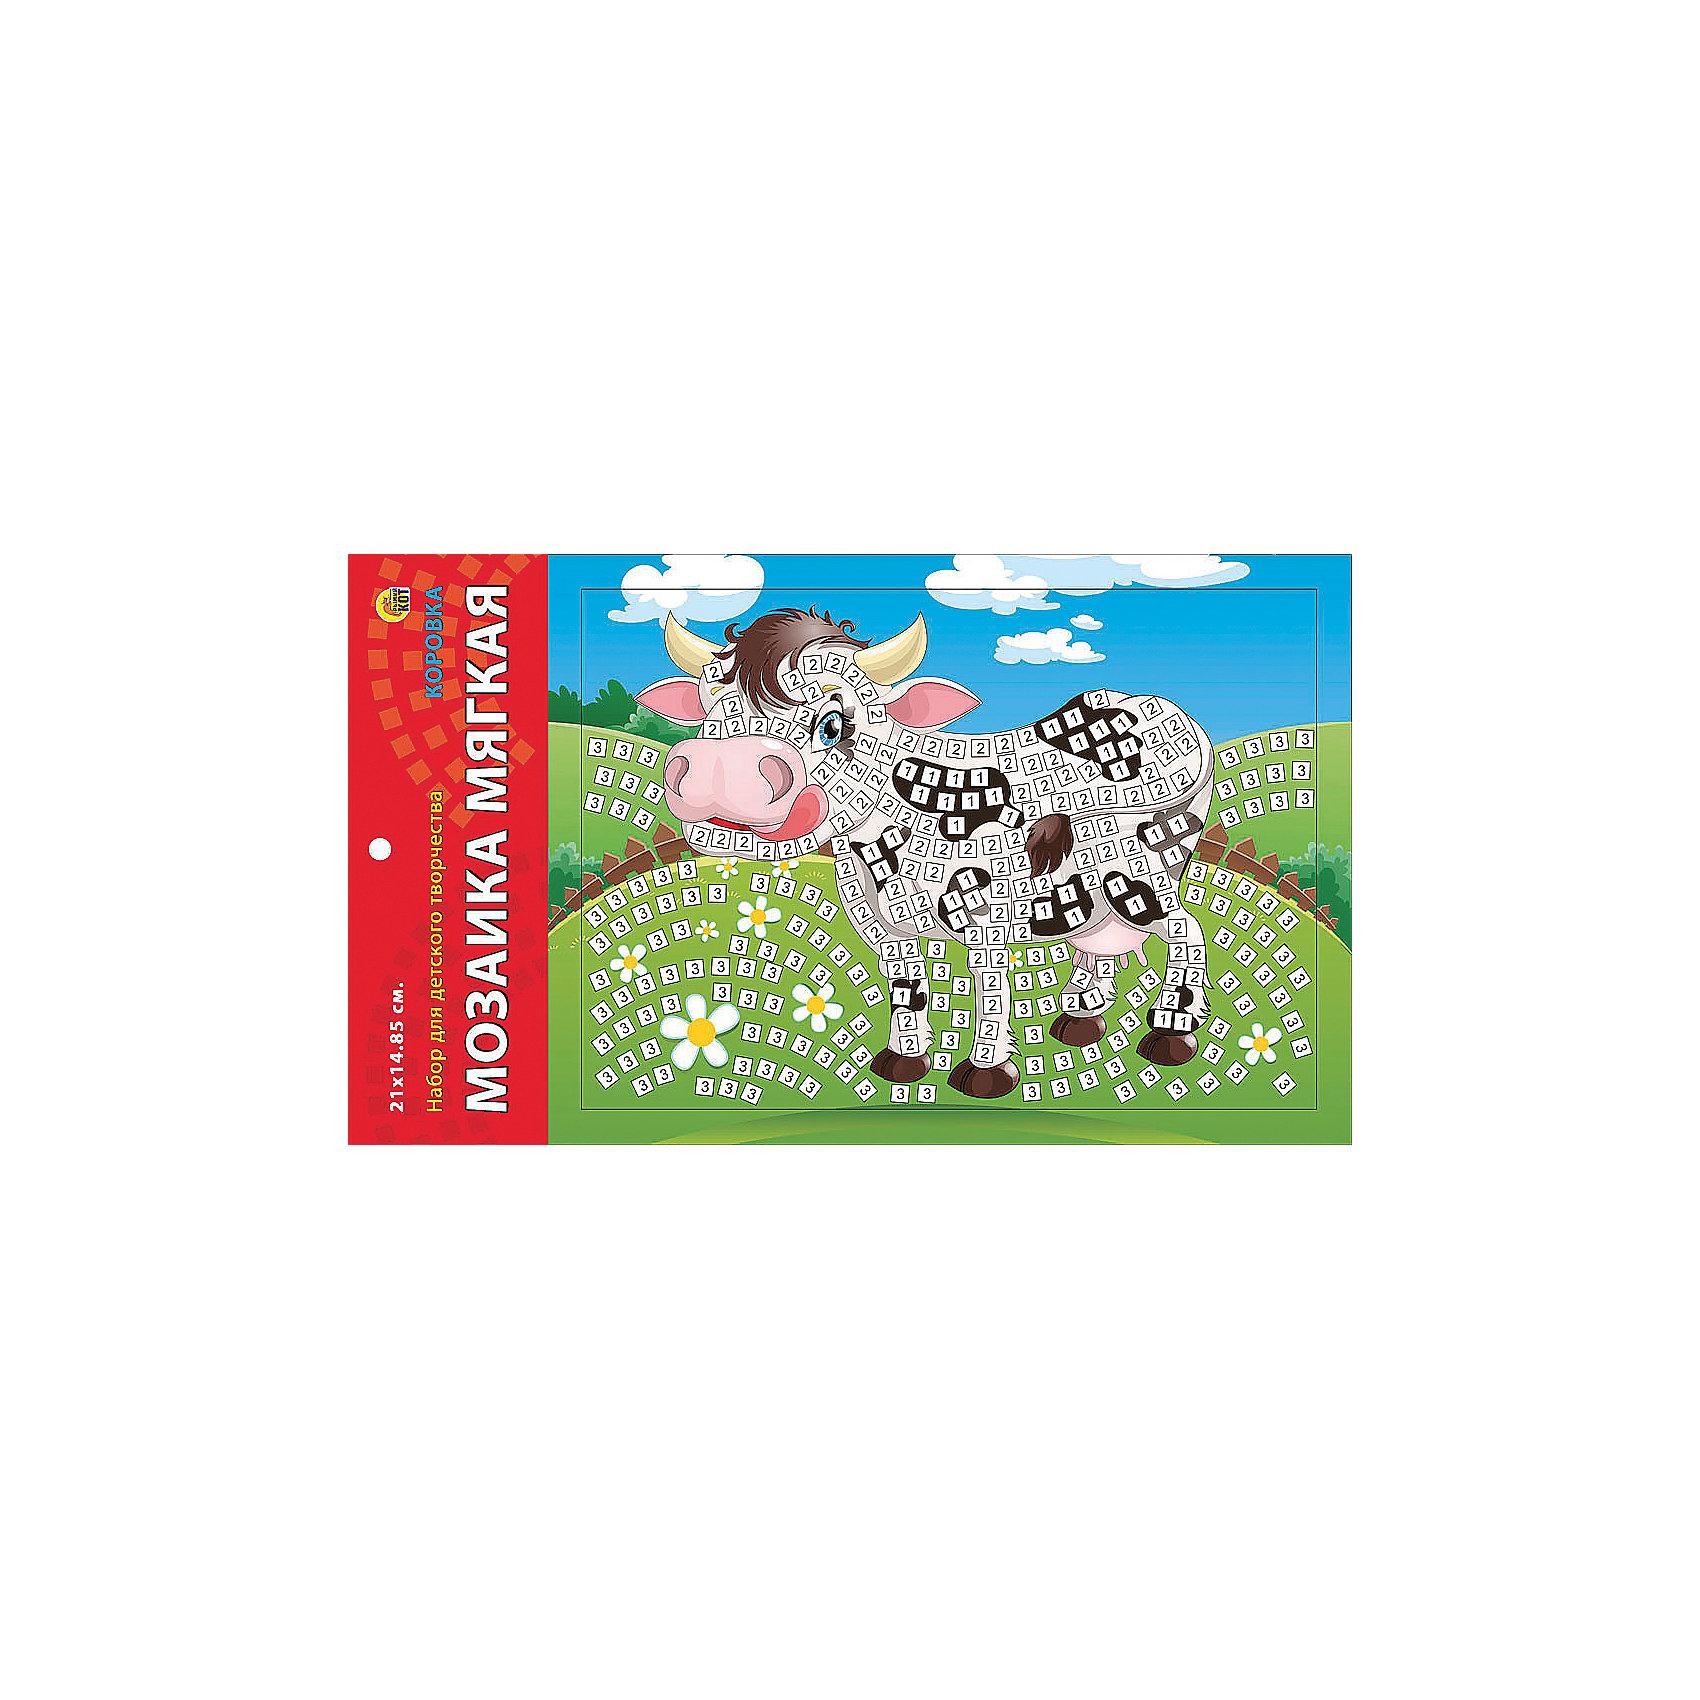 Издательство Рыжий кот Мягкая мозаика Коровка формат А5 (21х15 см) издательство рыжий кот мягкая мозаика веселый самолет формат а5 21х15 см